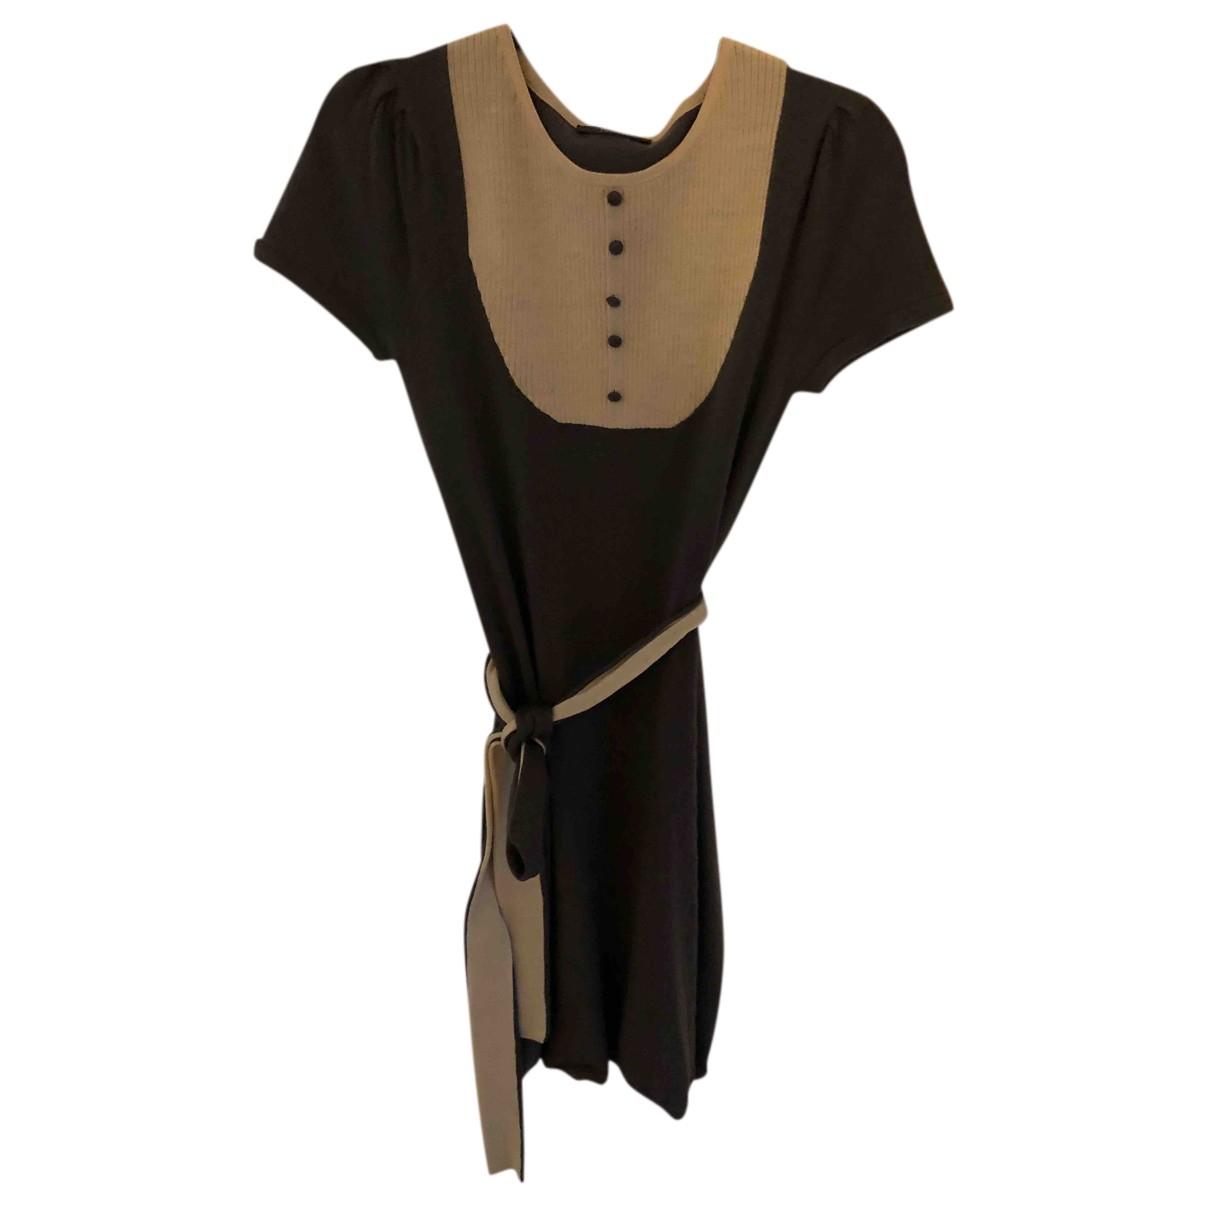 Bel Air - Robe   pour femme en laine - marron